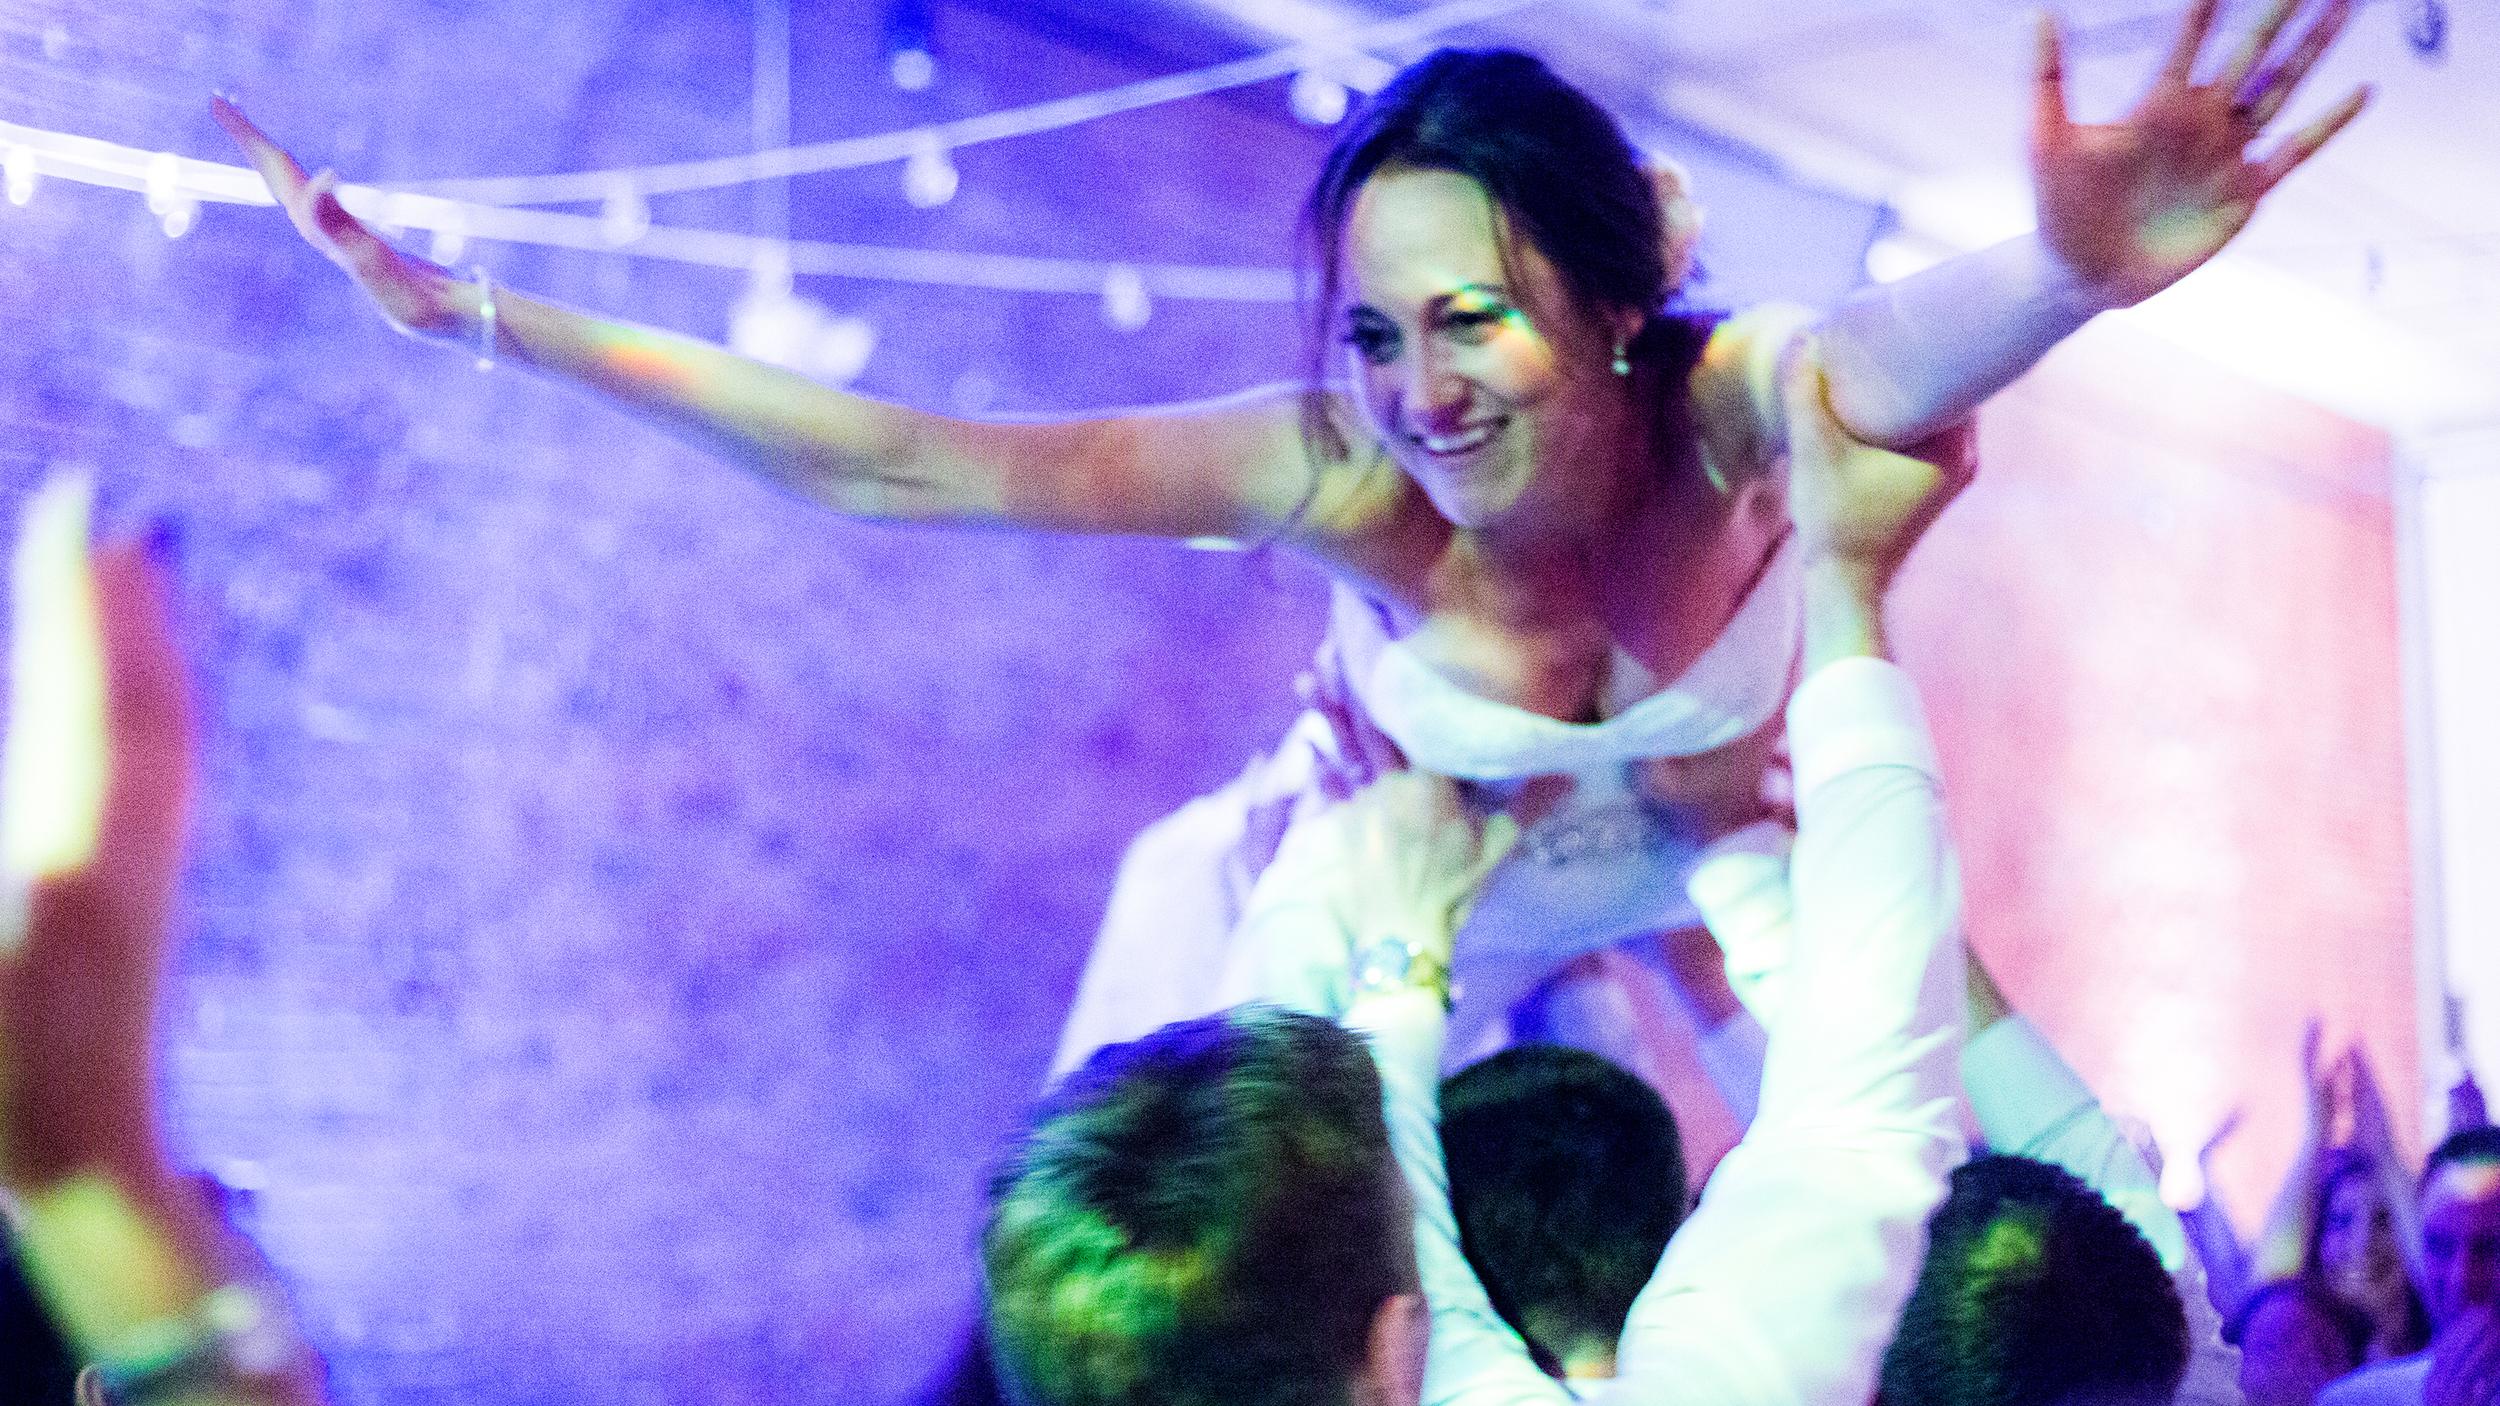 Dancing-194.jpg